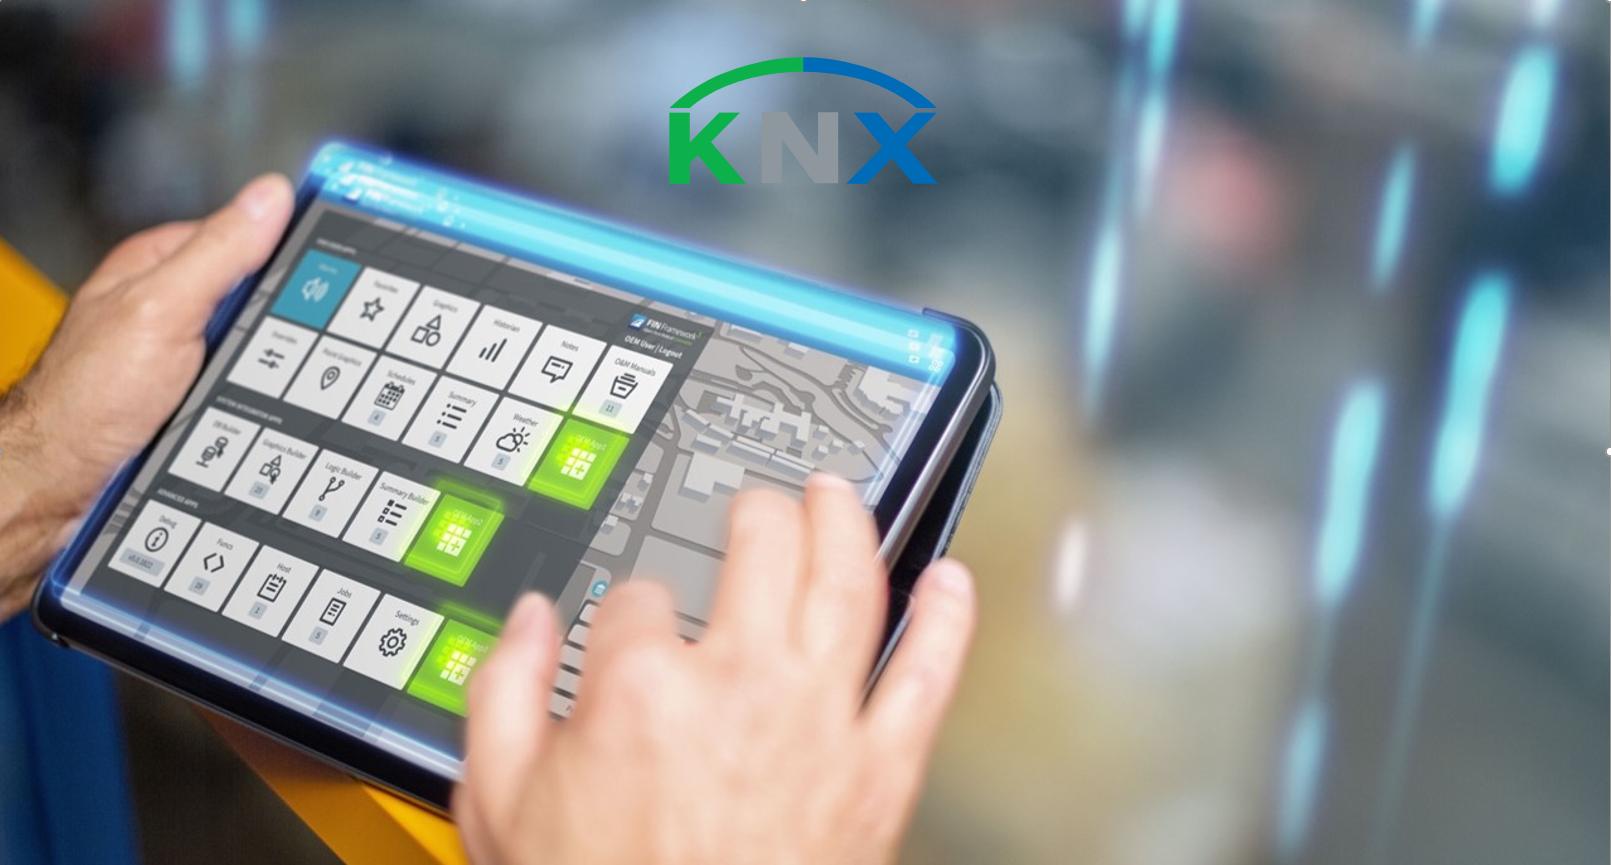 KNX ipad image